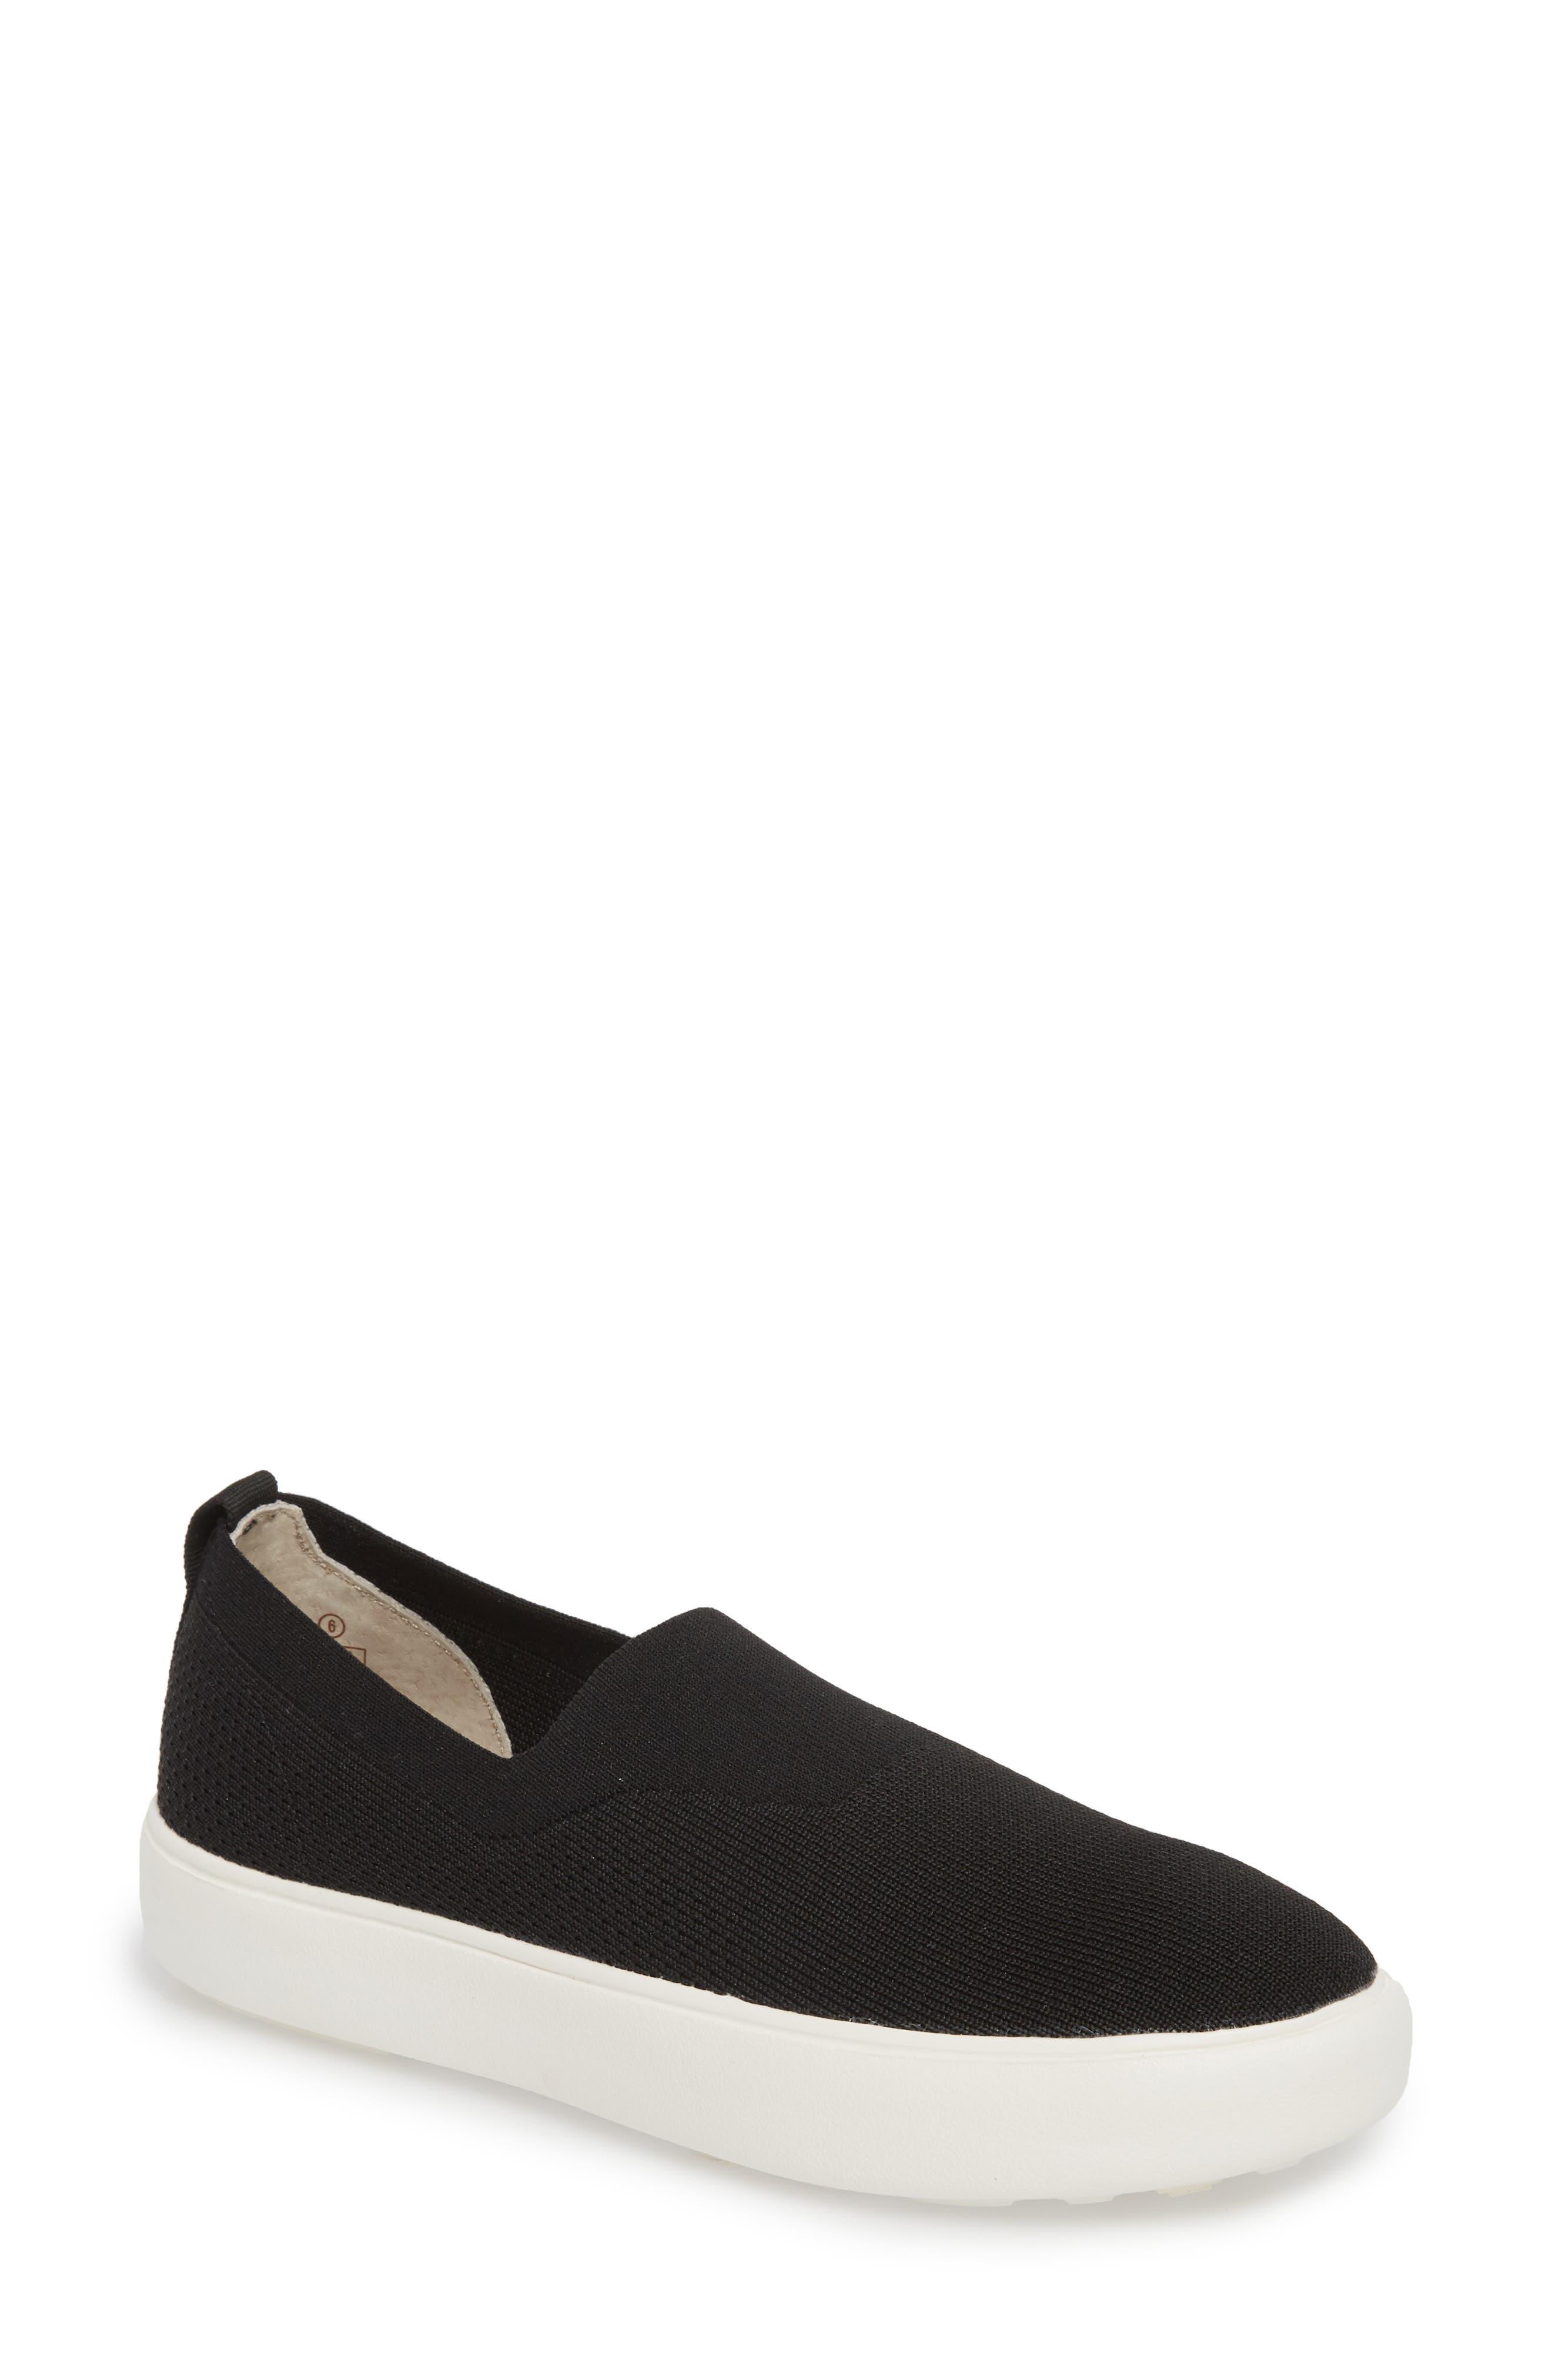 Hula Slip-On Sneaker,                             Main thumbnail 1, color,                             BLACK